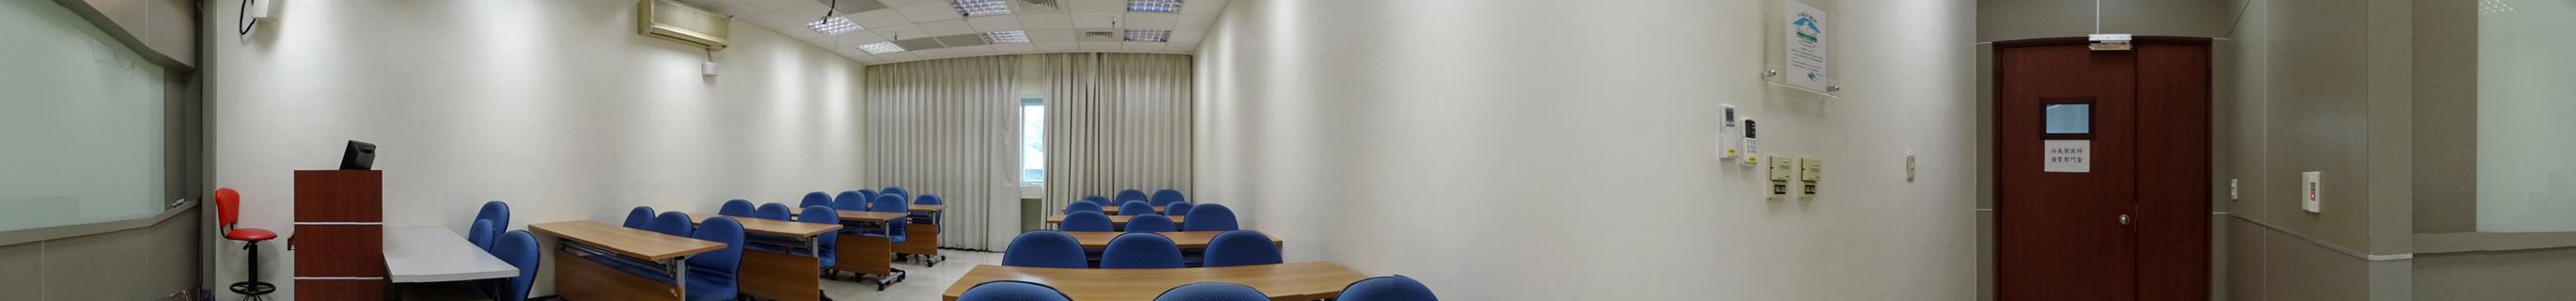 會館設施 > 訓練教室 > 一般教室